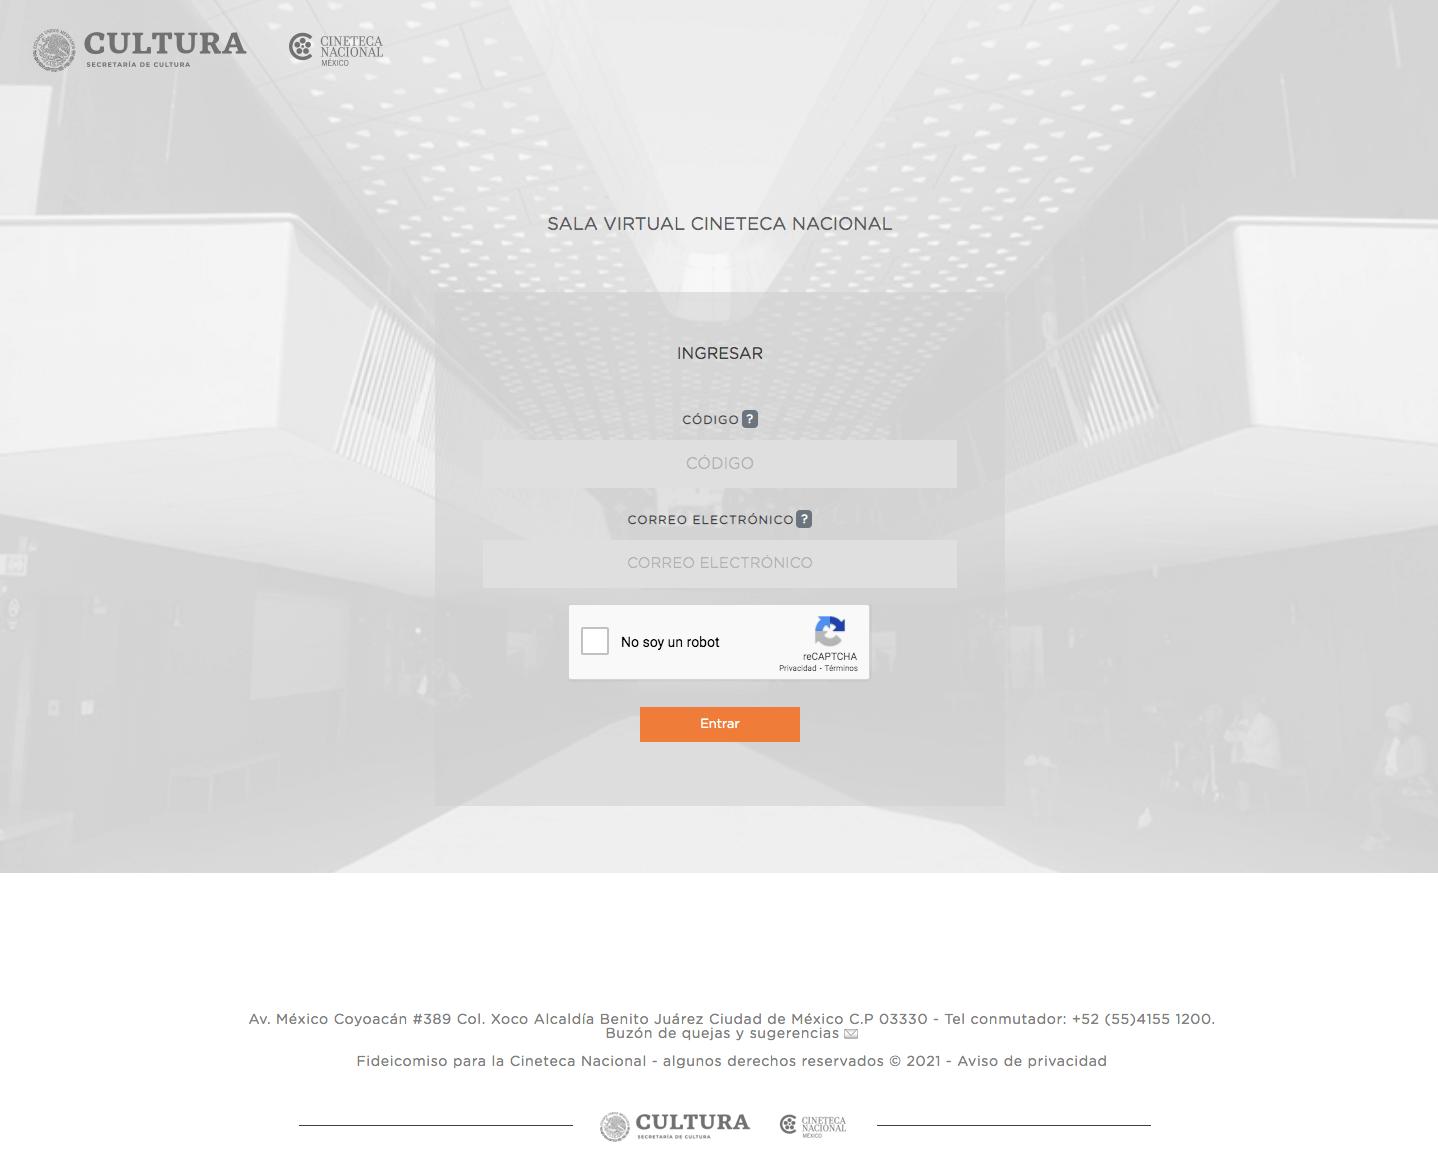 Acceso a la sala virtual de Cineteca Nacional